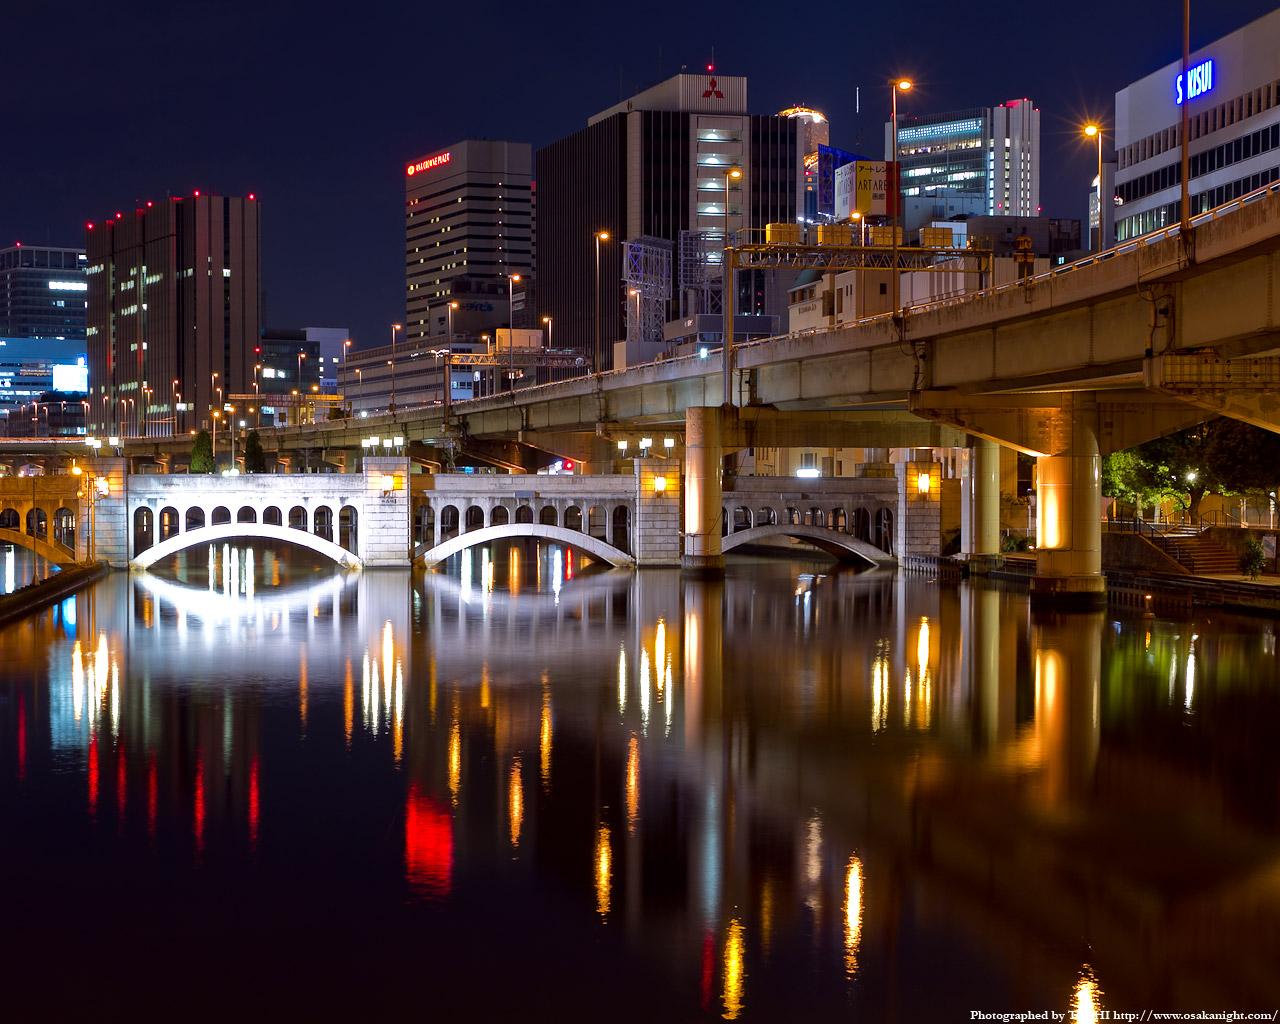 水晶橋のライトアップ夜景2